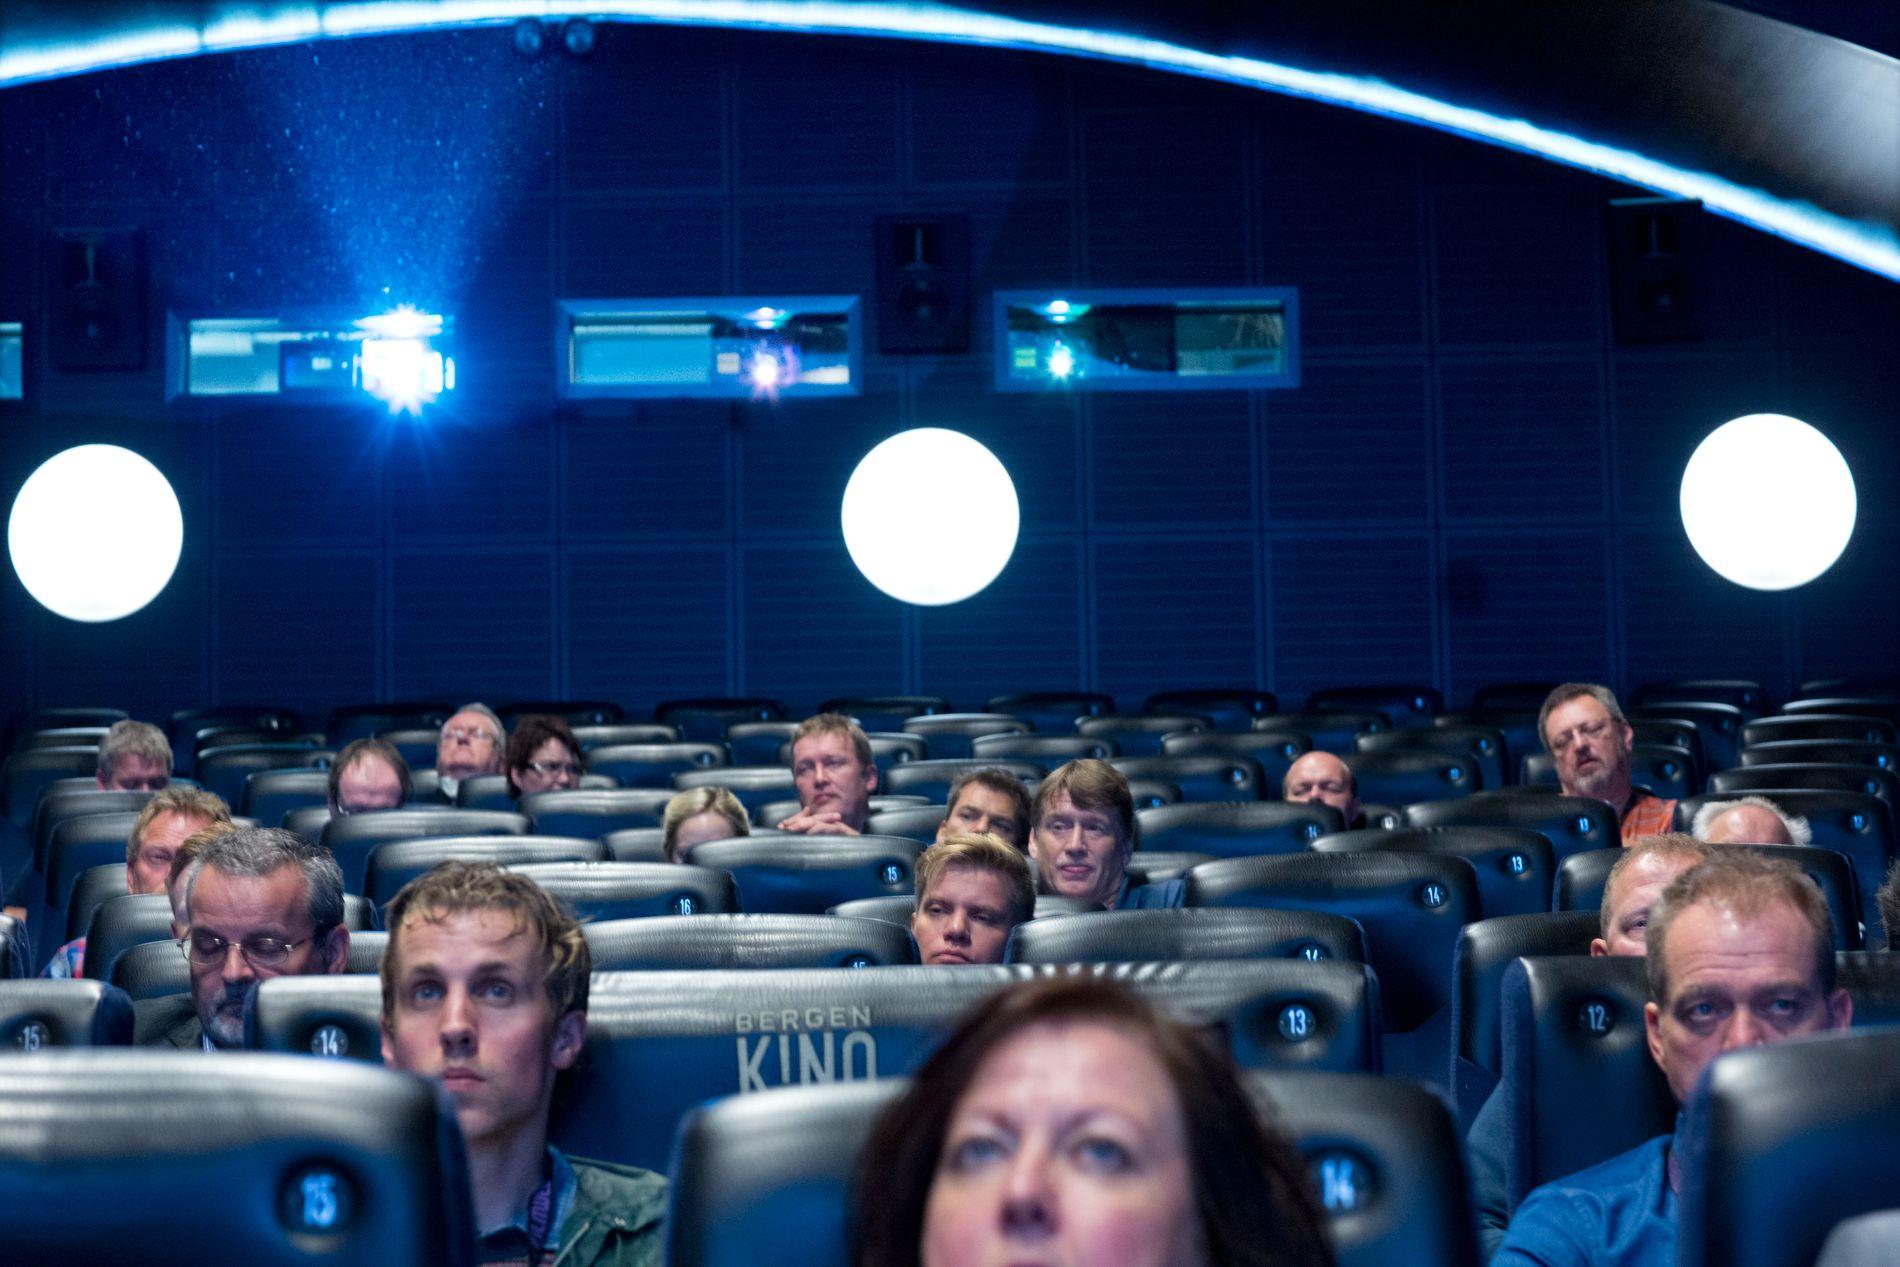 MER KOMMERS: Distributører som til nå har satset på kvalitet, føler presset med å ta inn mer kommersielle titler for å få tilgang på kinoenes mer attraktive oppsetningstider, mener Tor Fosse.